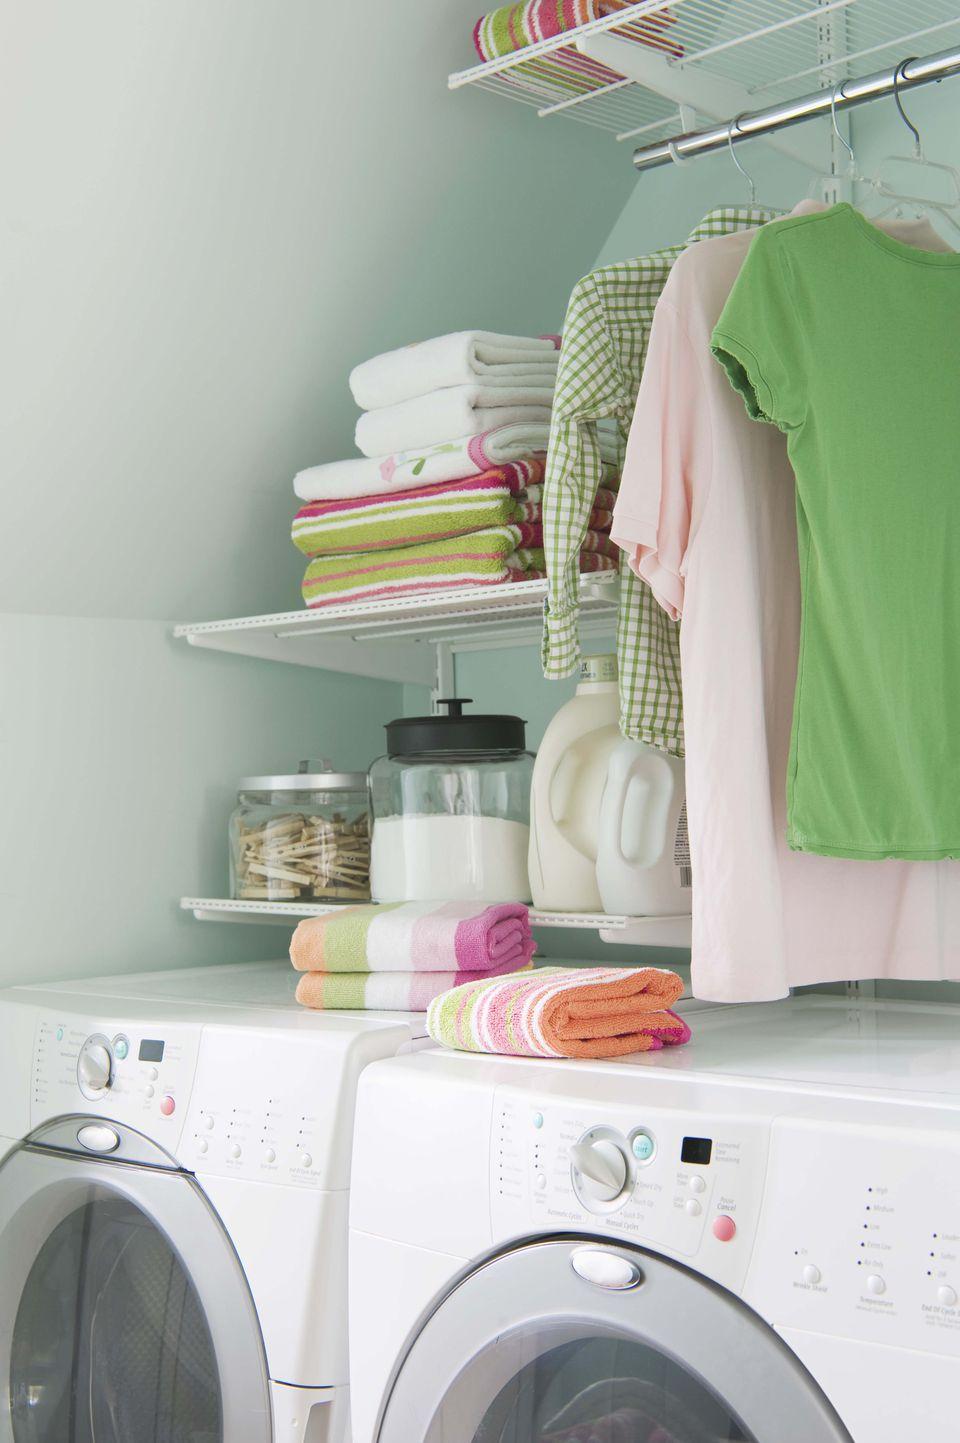 Laundry room storage